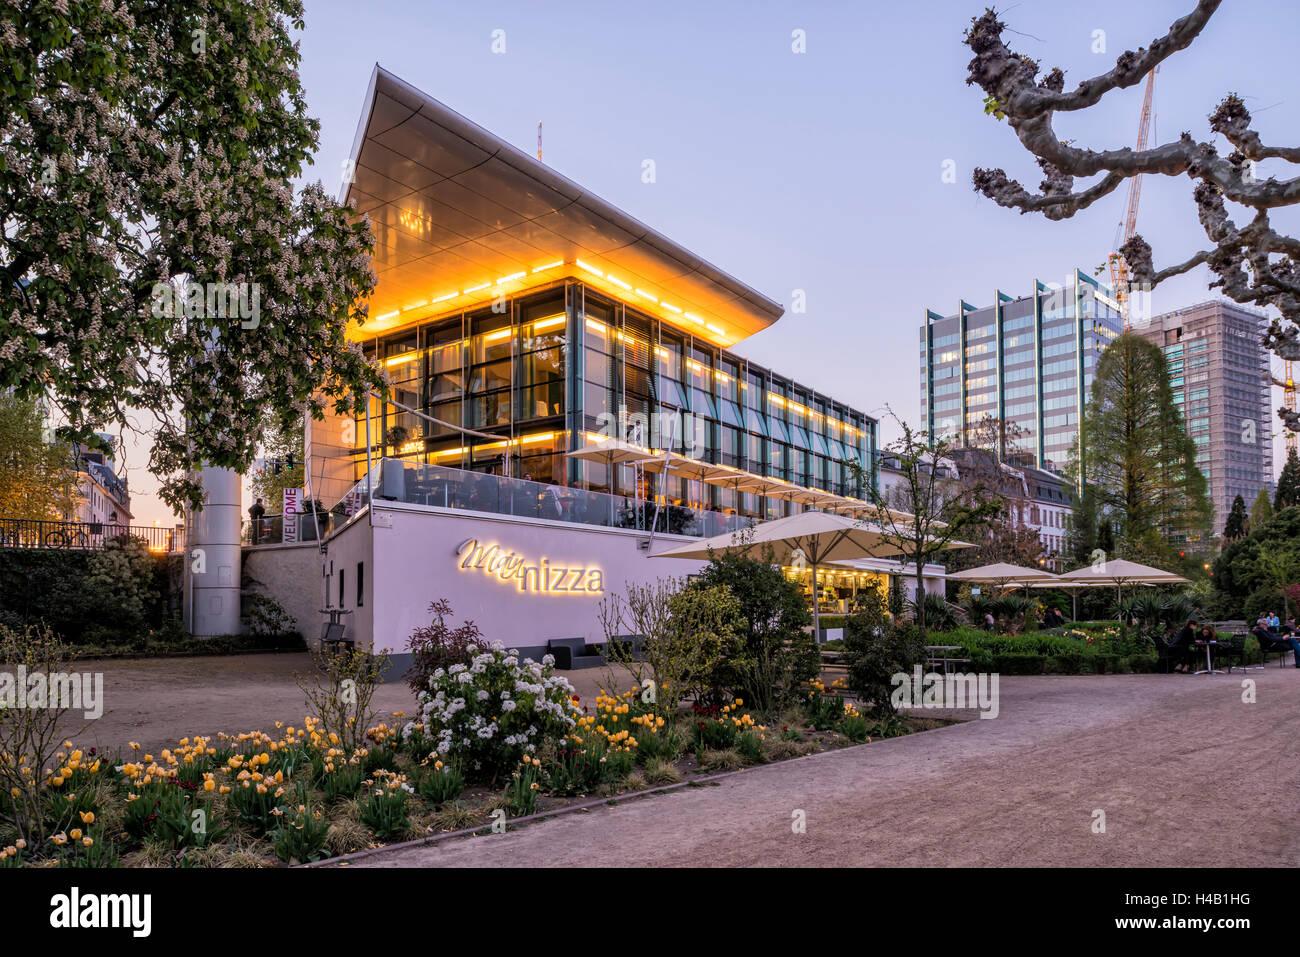 Cafe Oosten Frankfurt